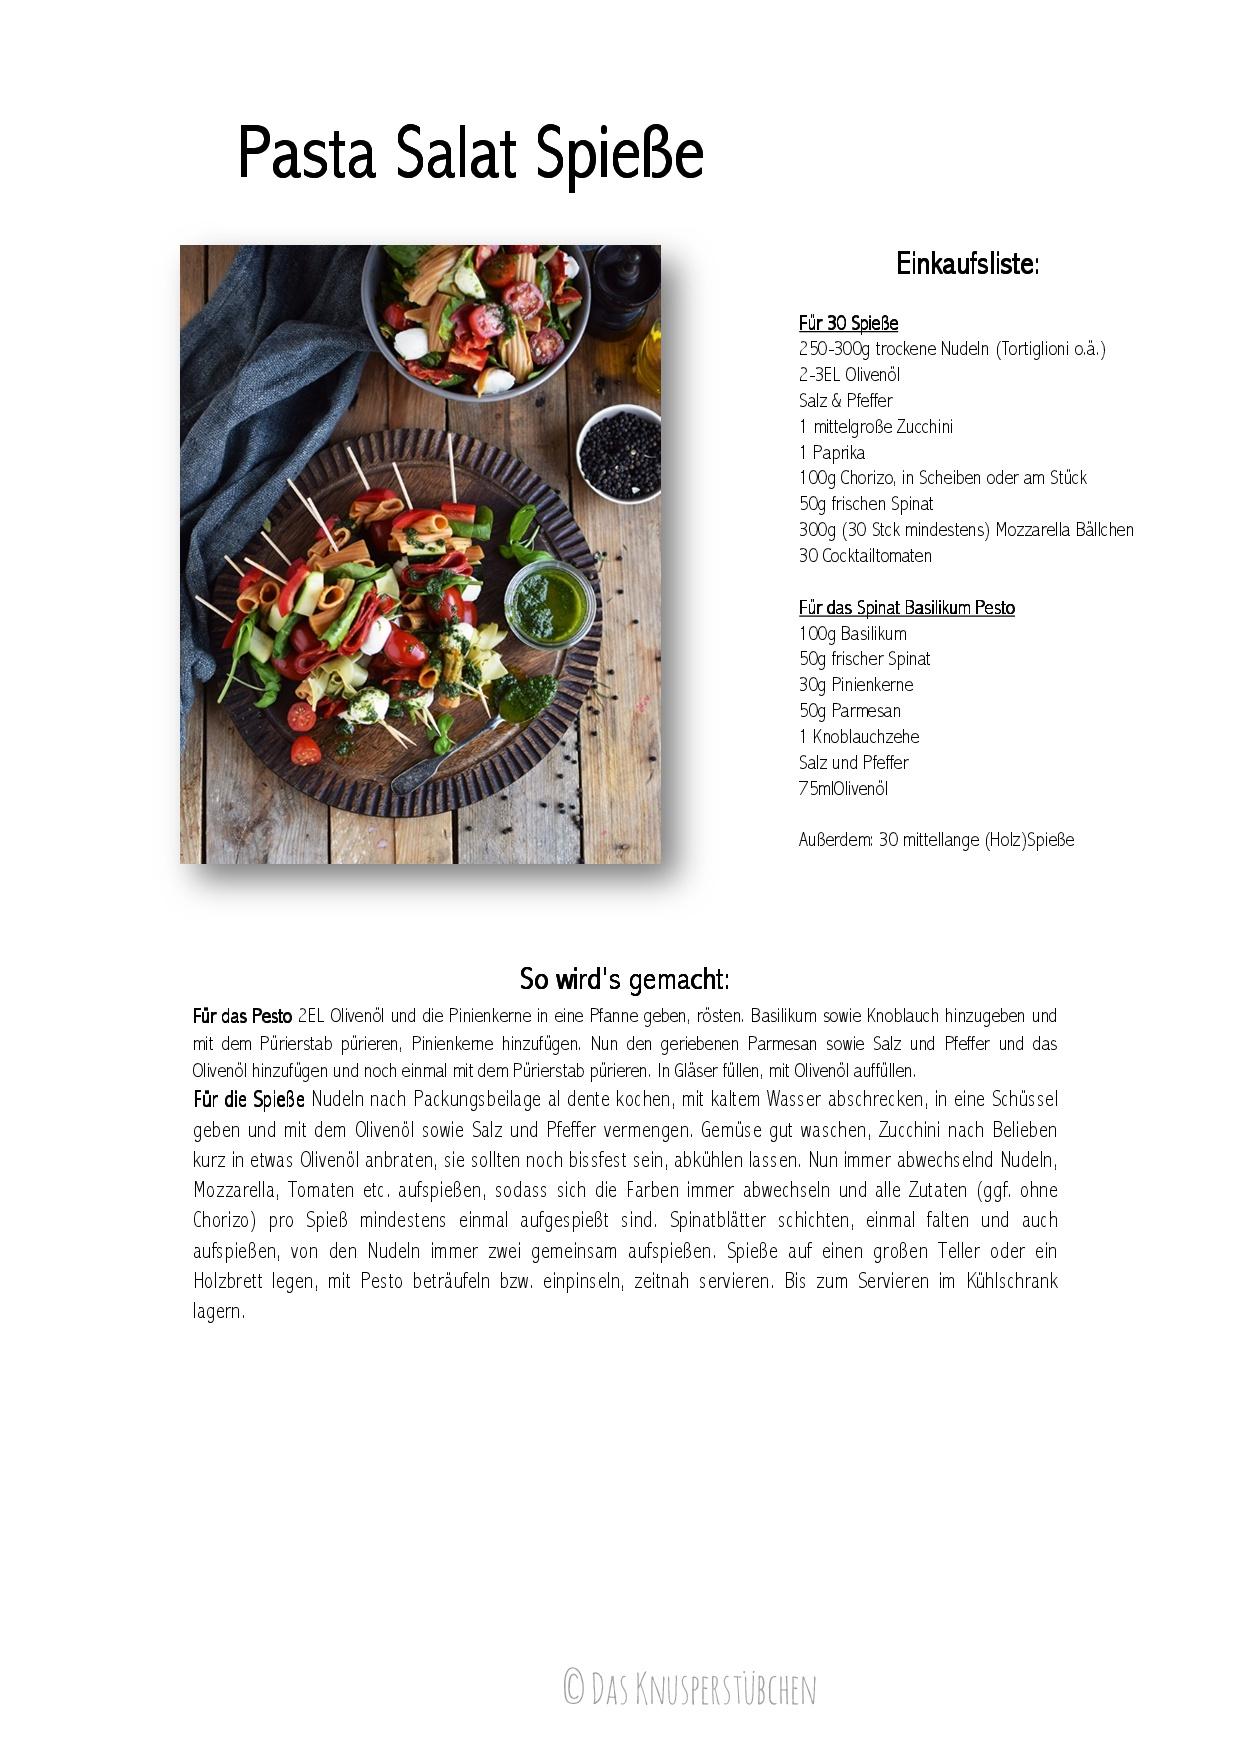 Pasta Salat Spiesse - Pasta Salad Skewers Rezept